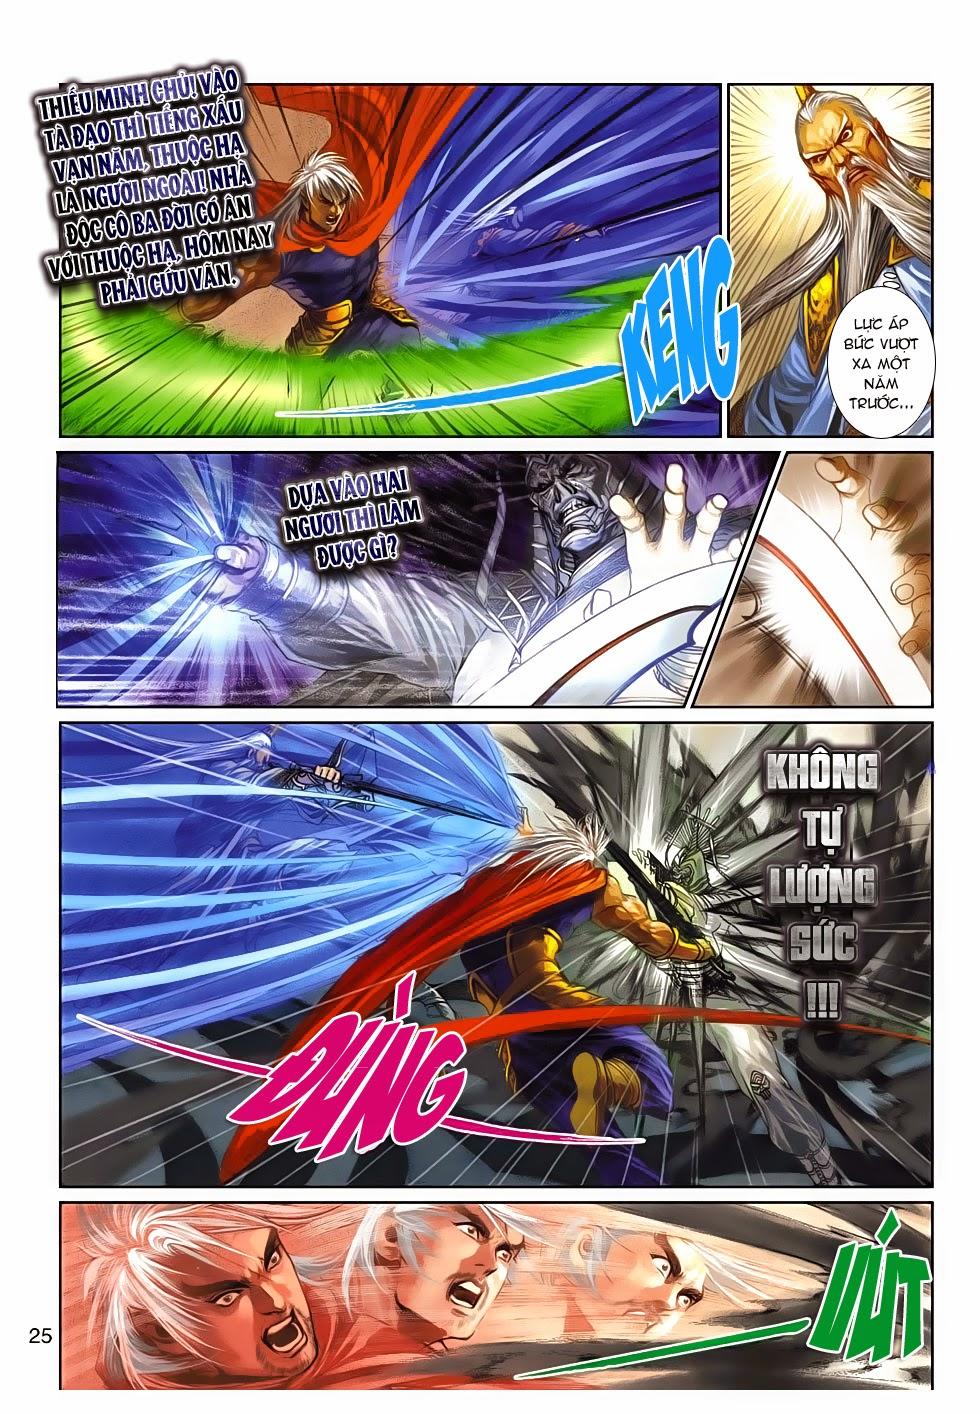 Thần Binh Tiền Truyện 4 - Huyền Thiên Tà Đế chap 14 - Trang 25